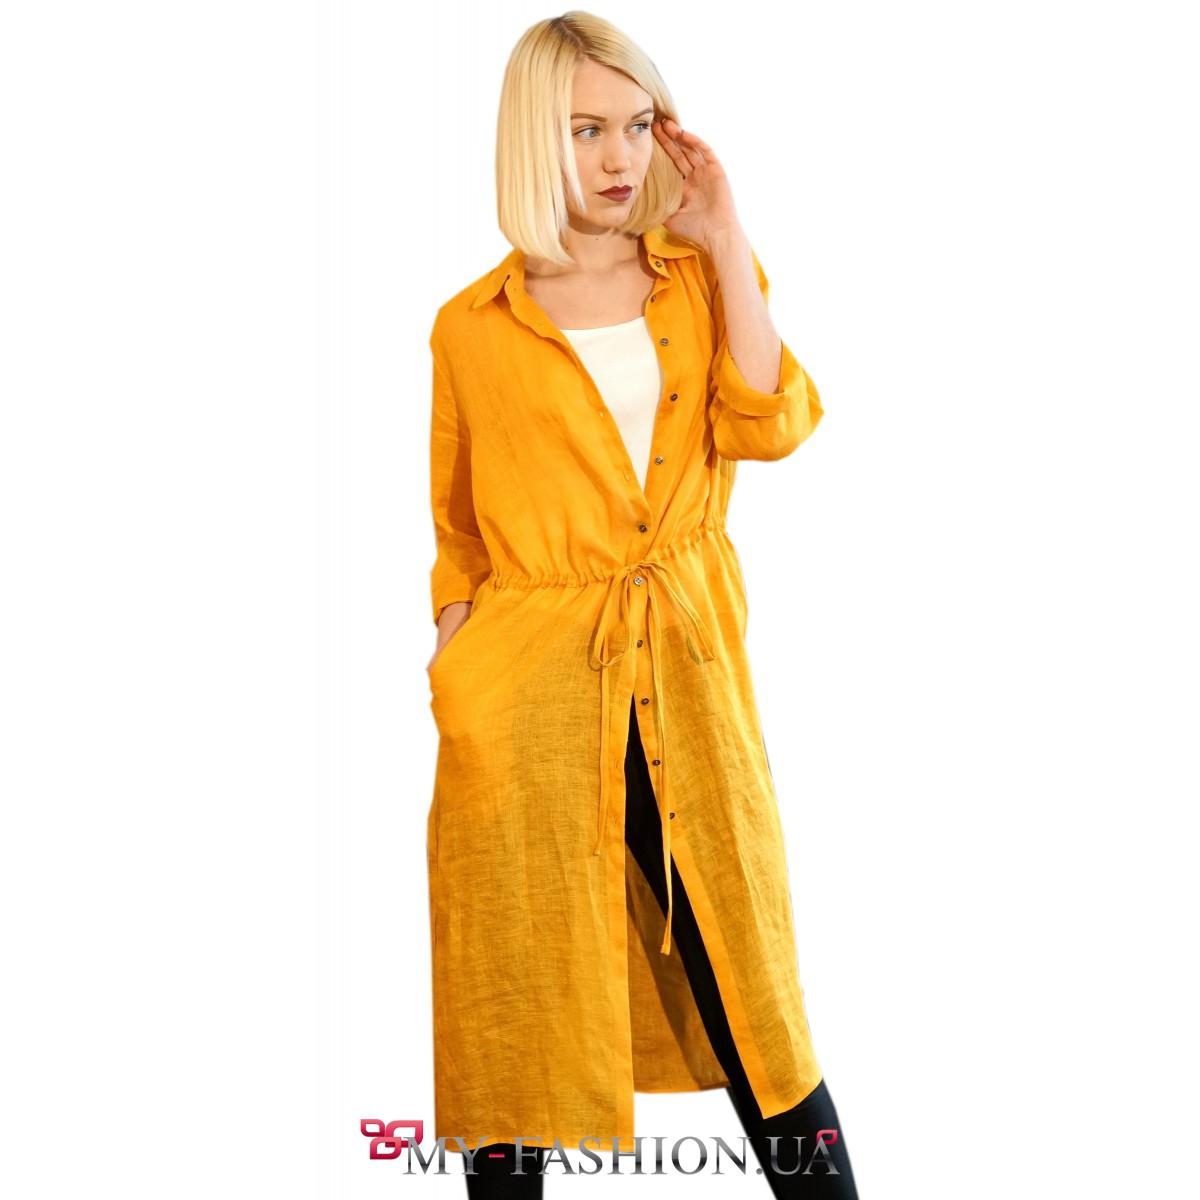 Дизайнерские Блузки Купить